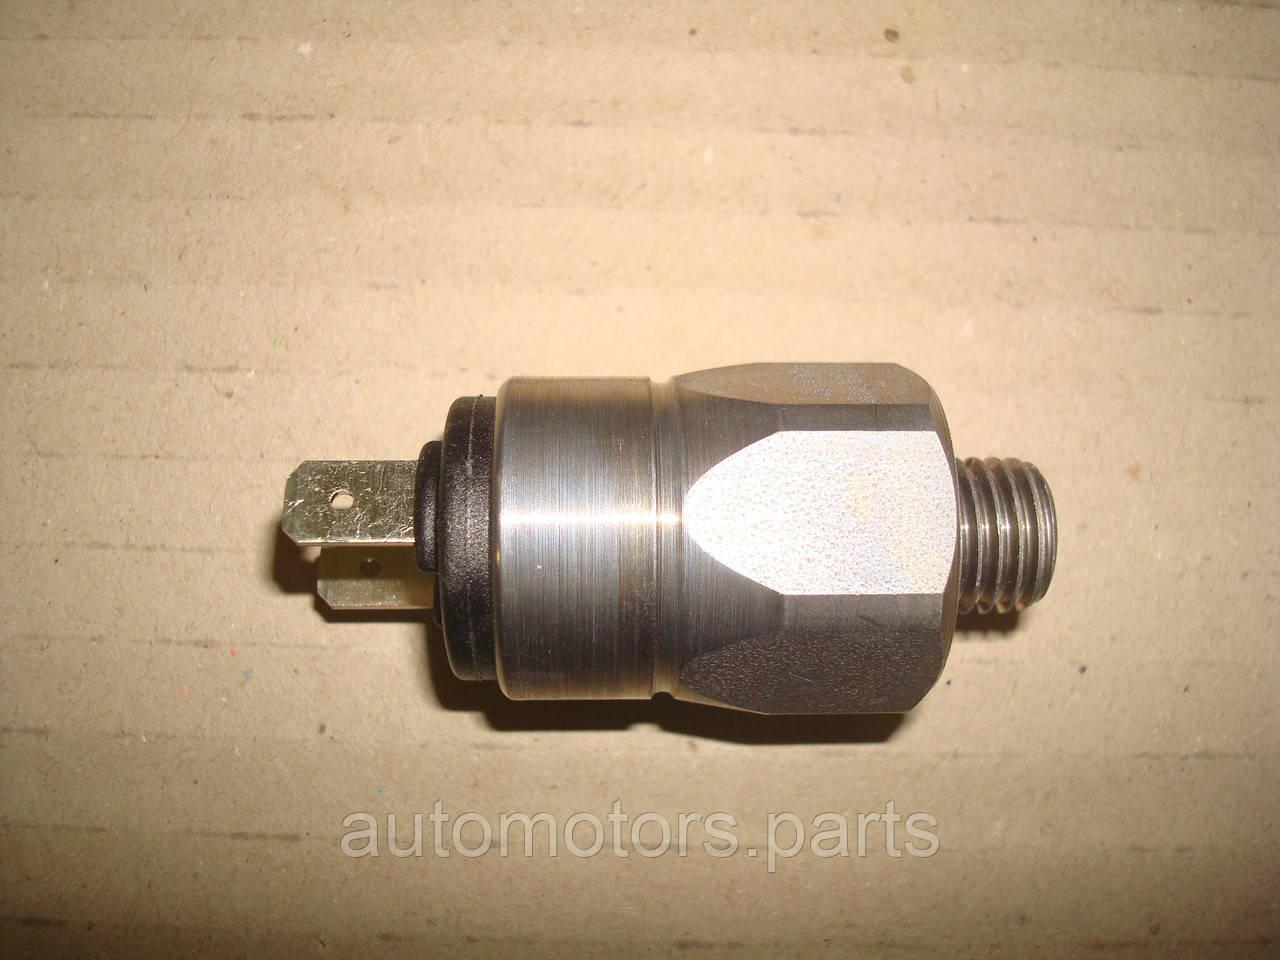 Датчик давления WE2137 / II14936 Knorr-Bremse